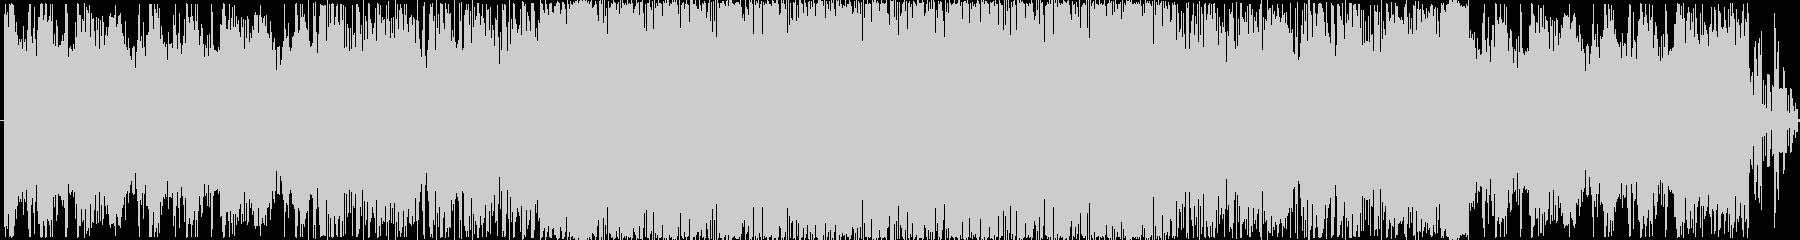 さわやかな雰囲気のEDMの未再生の波形